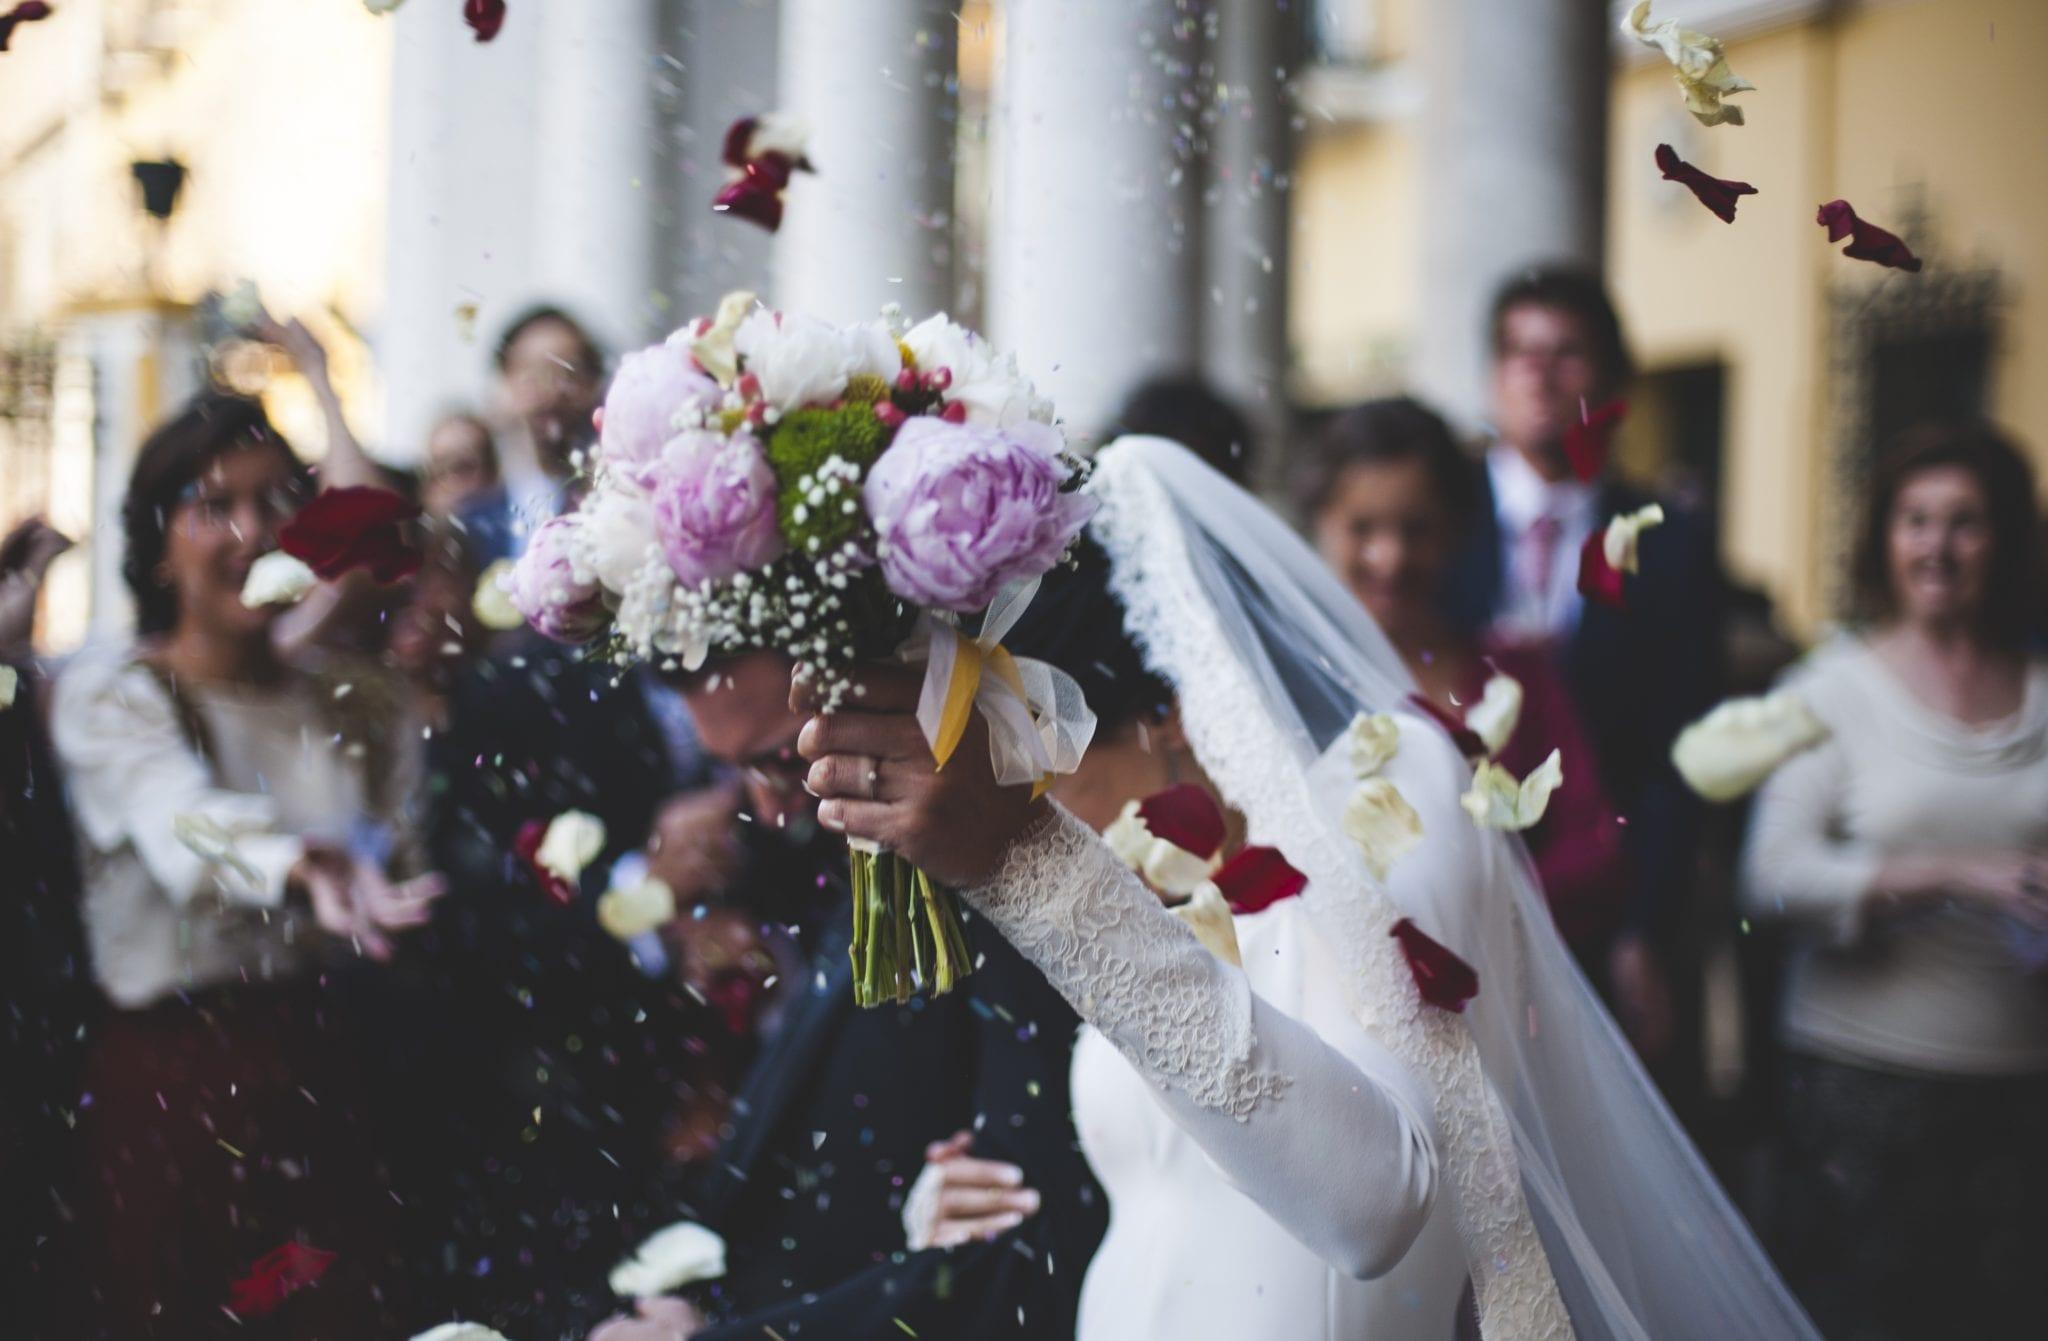 Fleurs mariée - Mariage Perpignan - Fleurs Perpignan